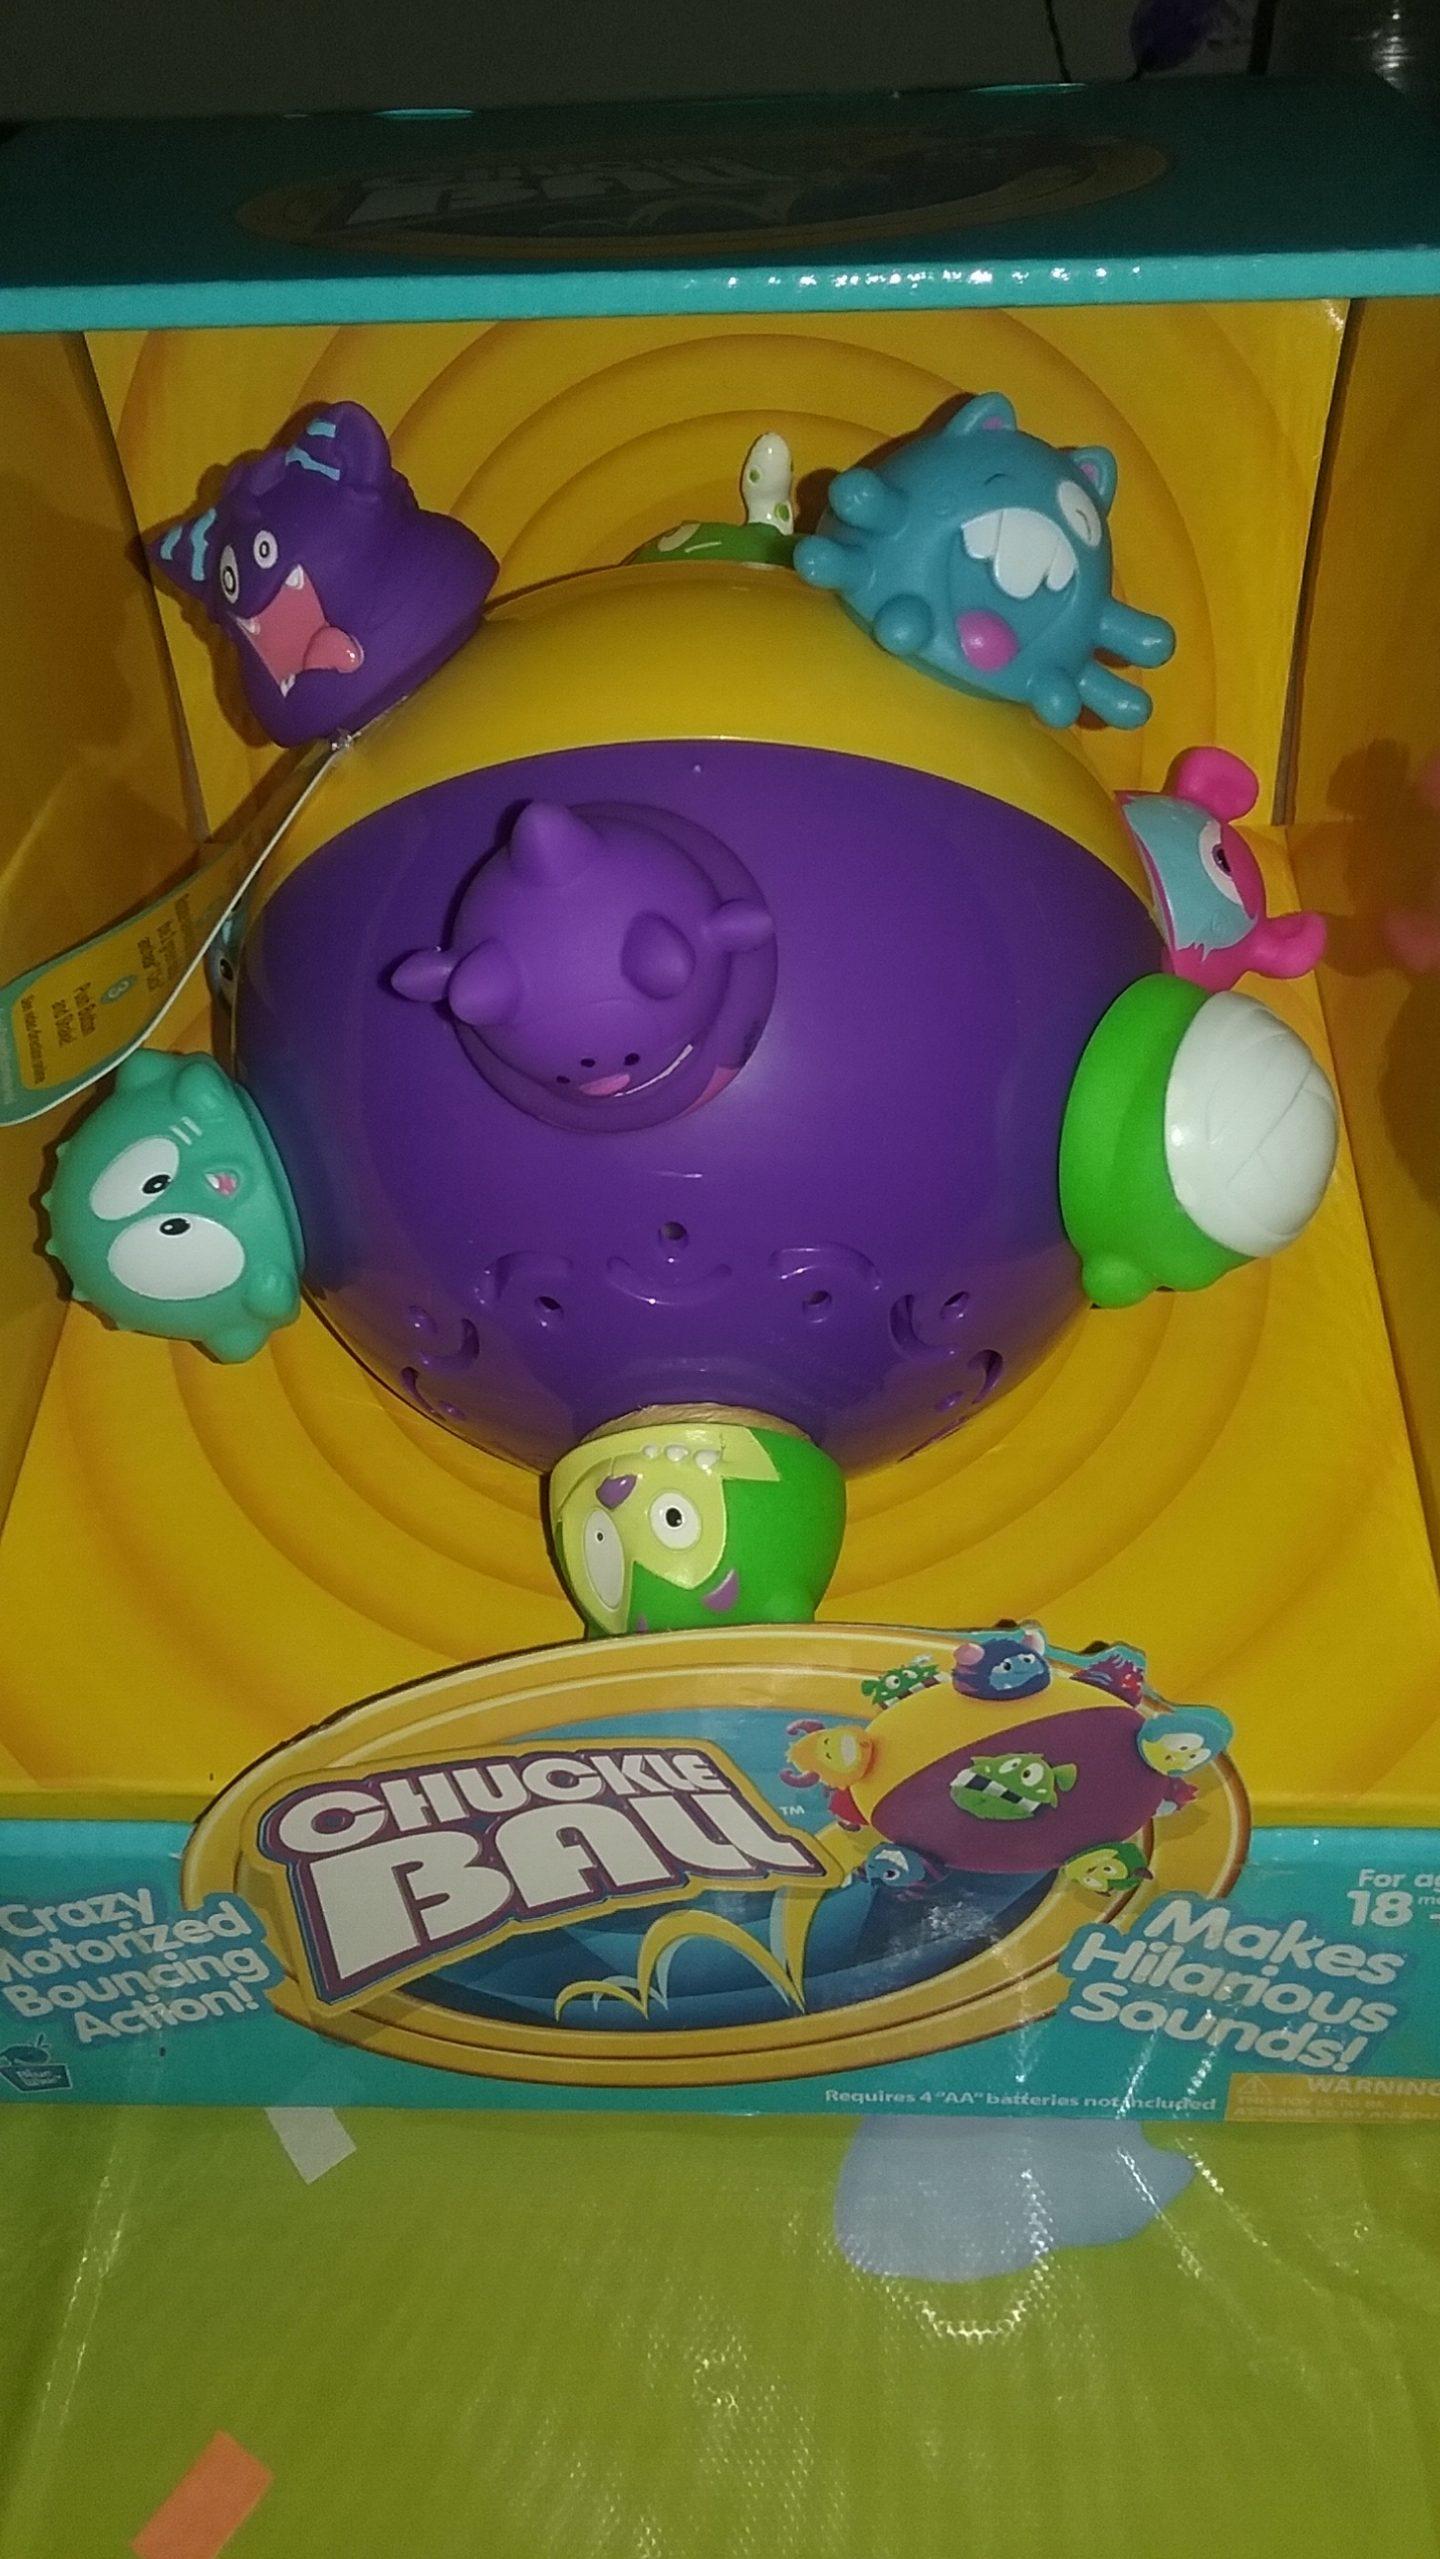 bounce-ball